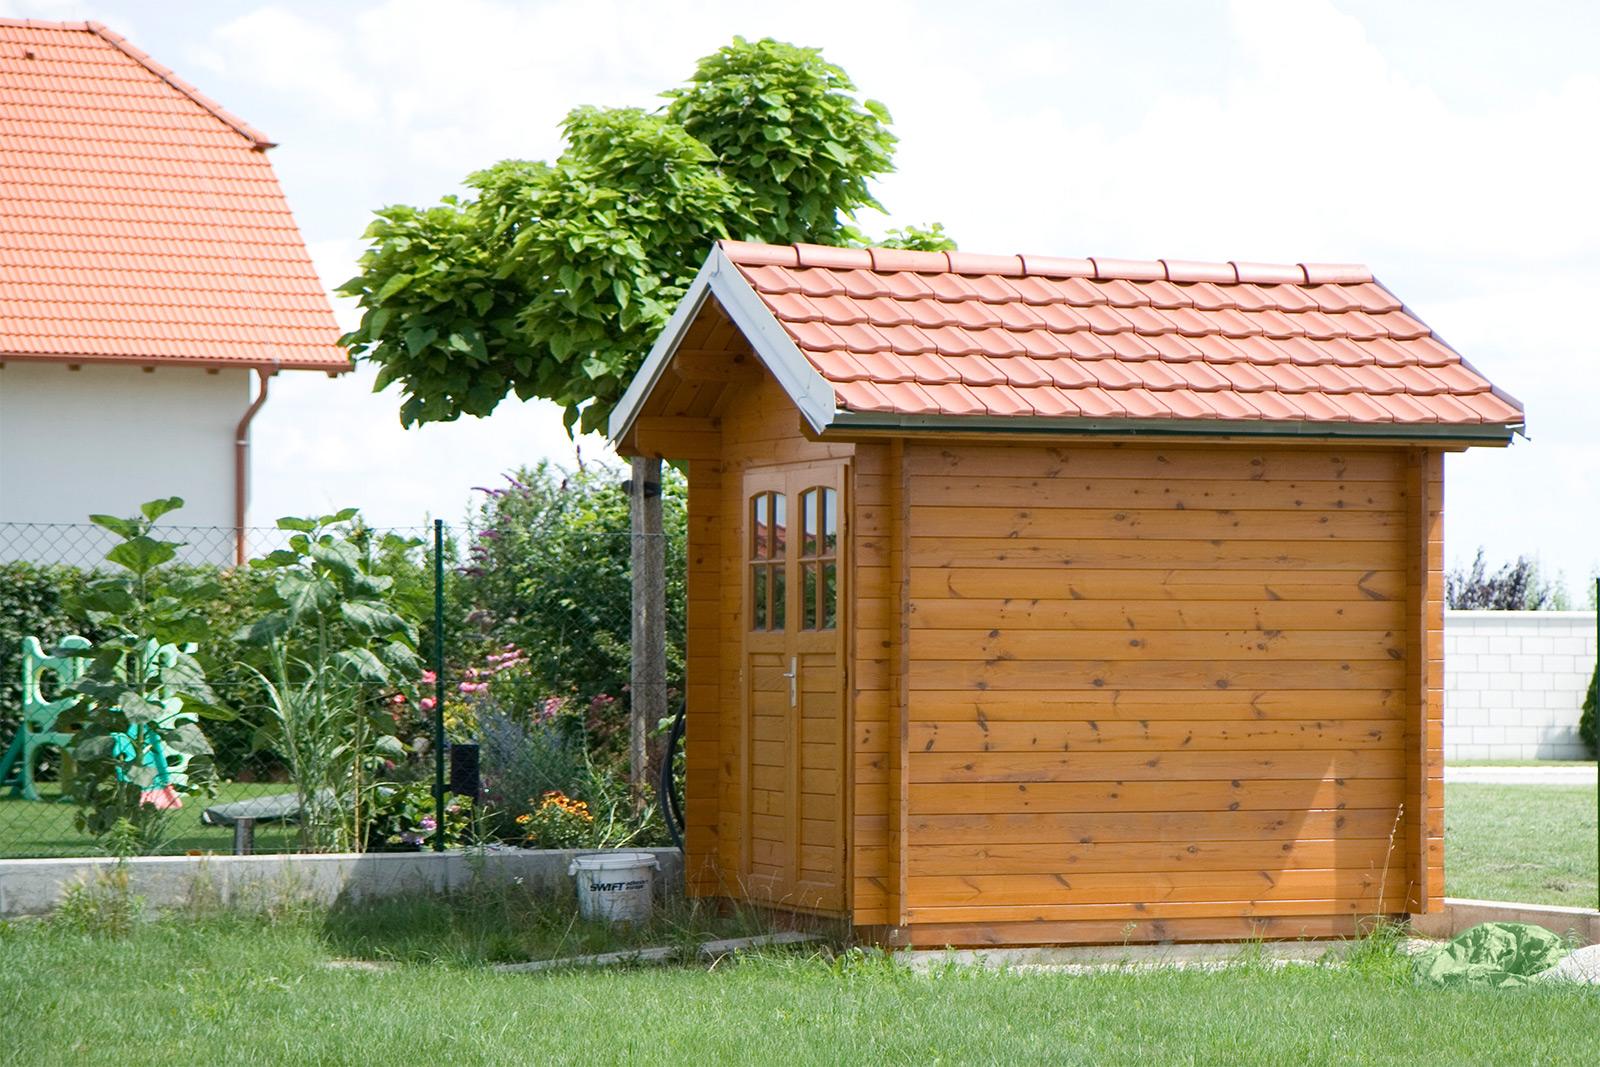 sauna / zäune /gartenhaus – pöll – komplett bedacht!